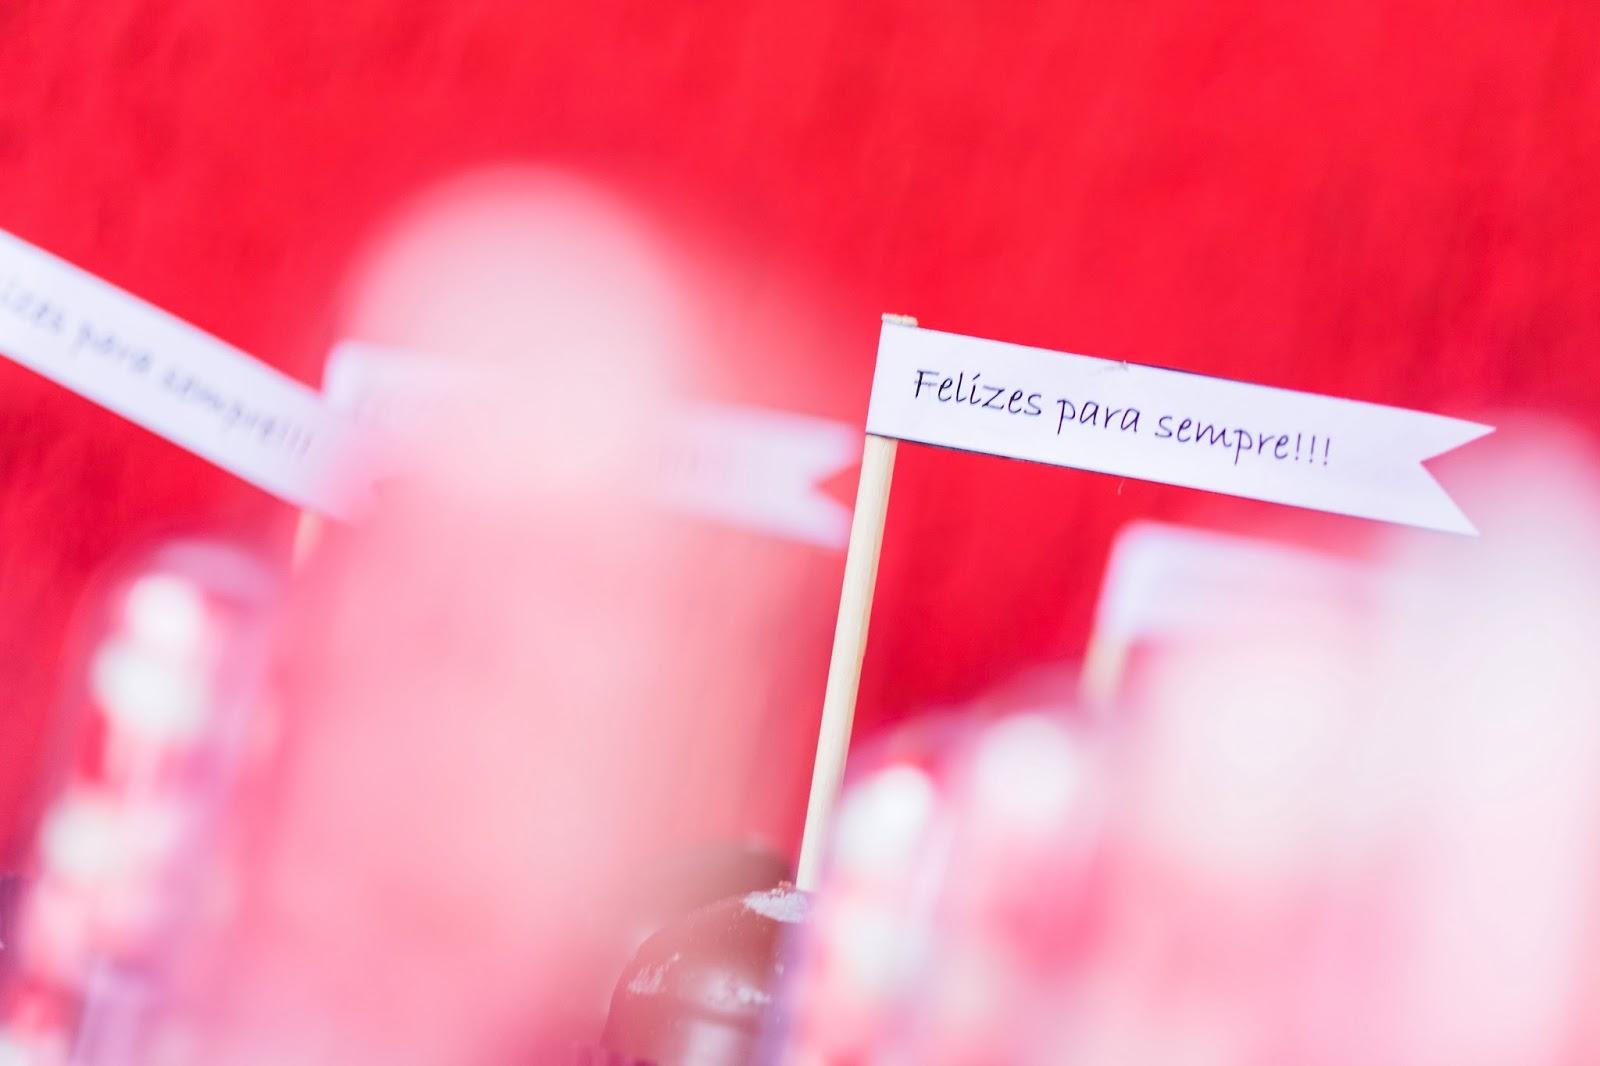 chá - chá de panela - chá rosa marrom - paleta rosa marrom - guloseimas - mesa doces - tags - papelaria